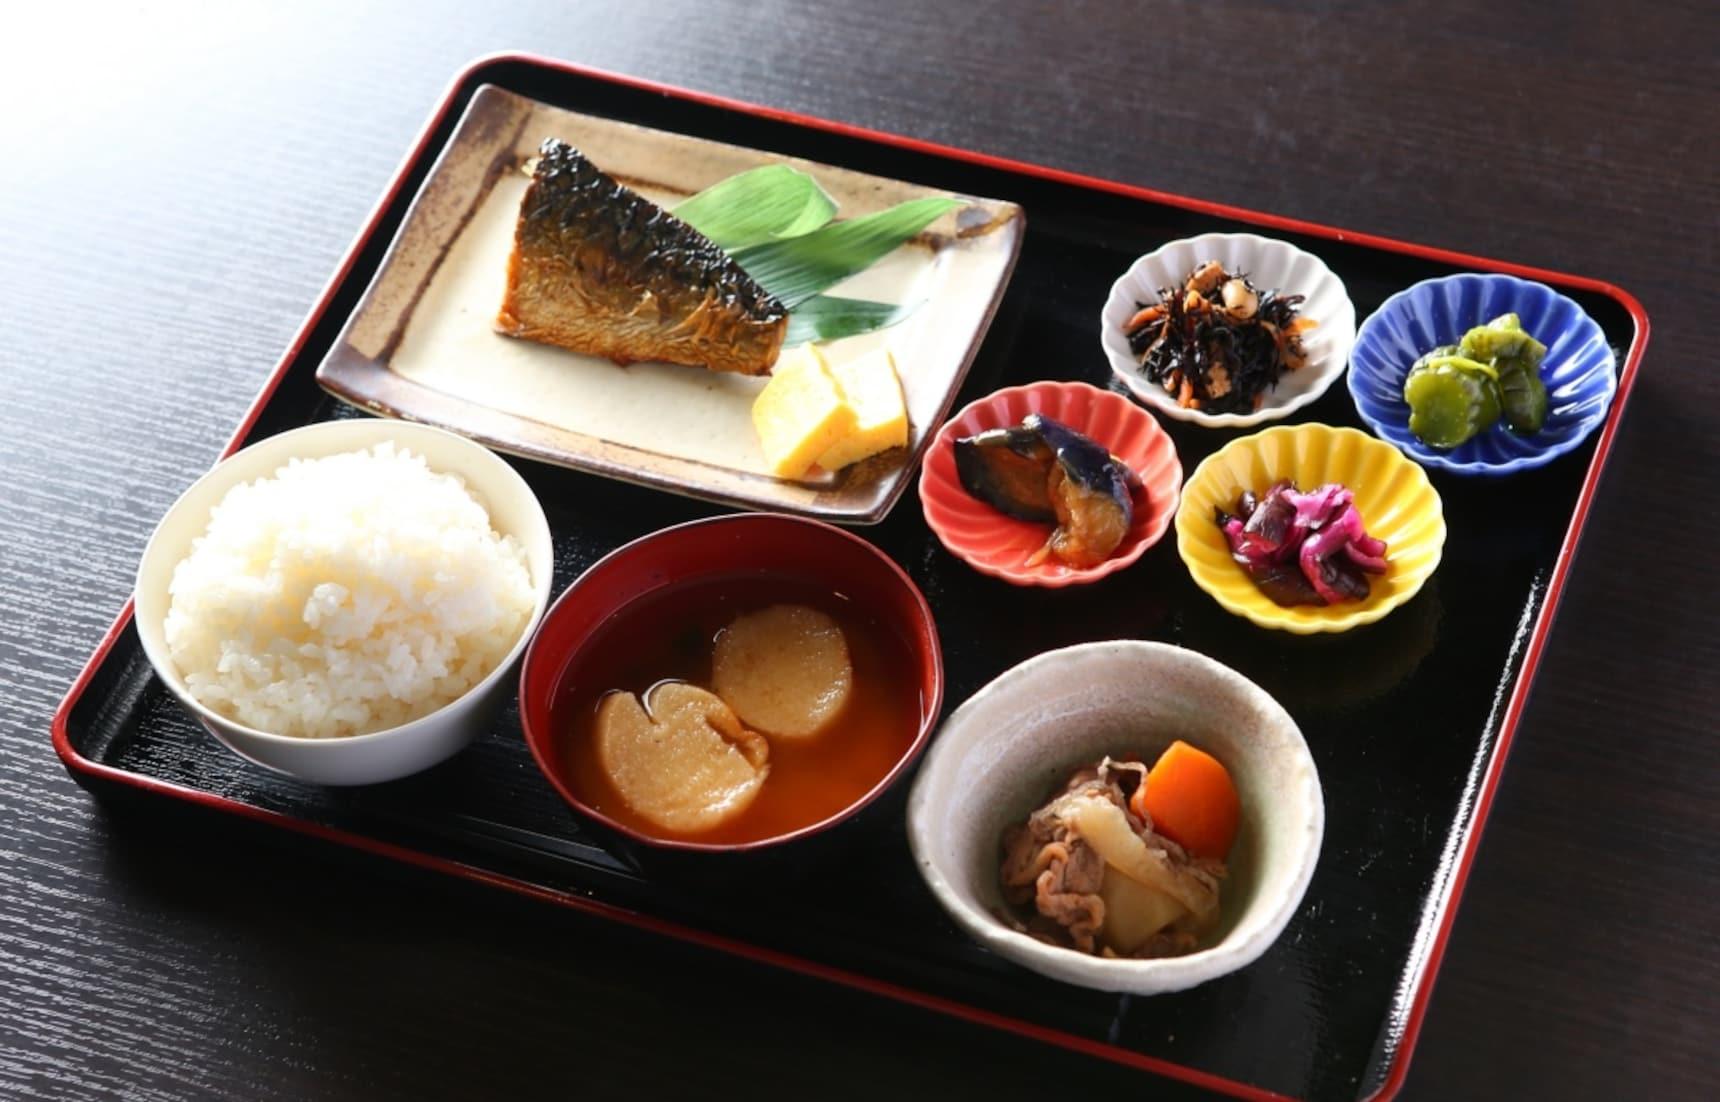 일본인의 장수 비결이 담긴 건강한 음식 2부